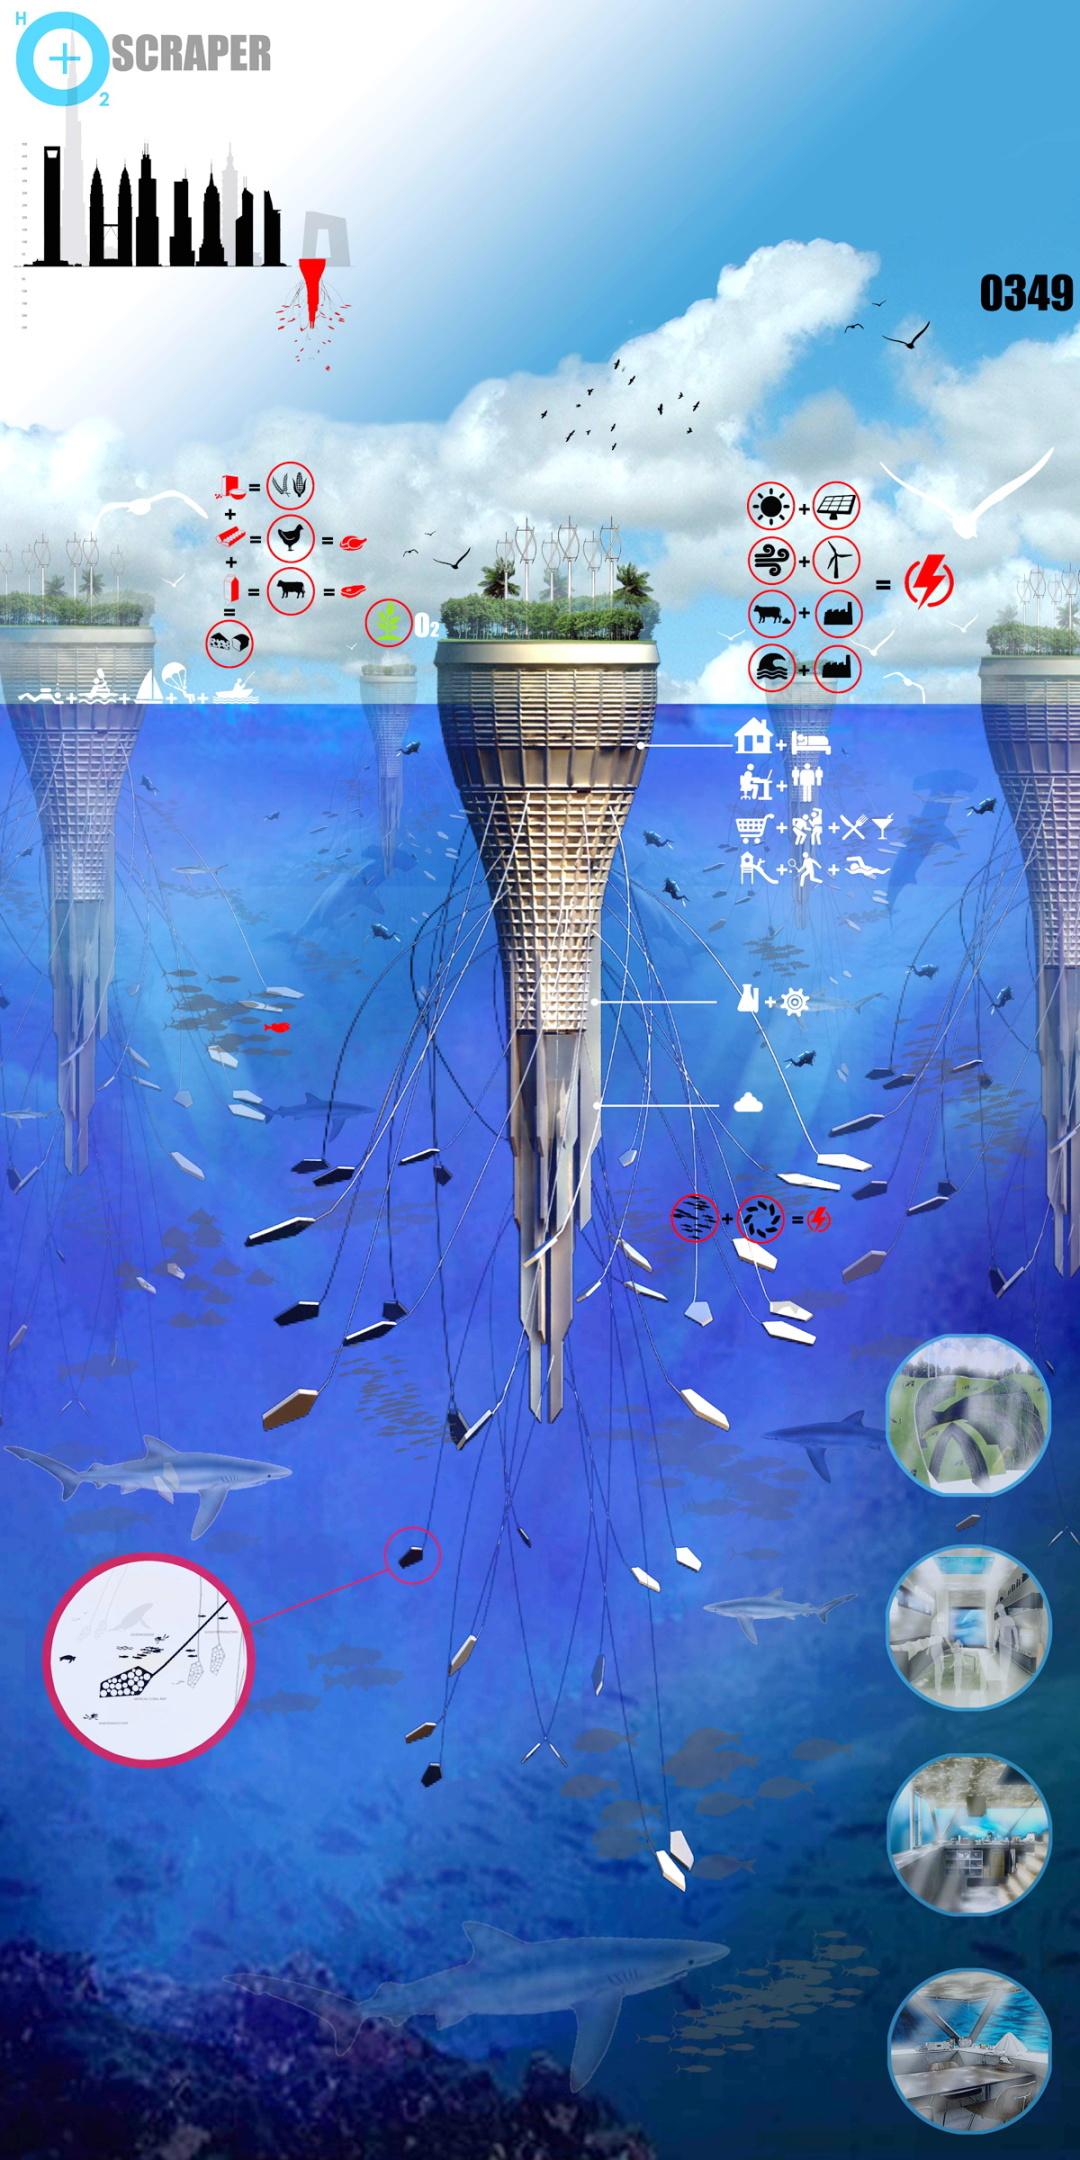 """підводний хмарочос від американської компанії """"eVolo"""", 2010 р."""